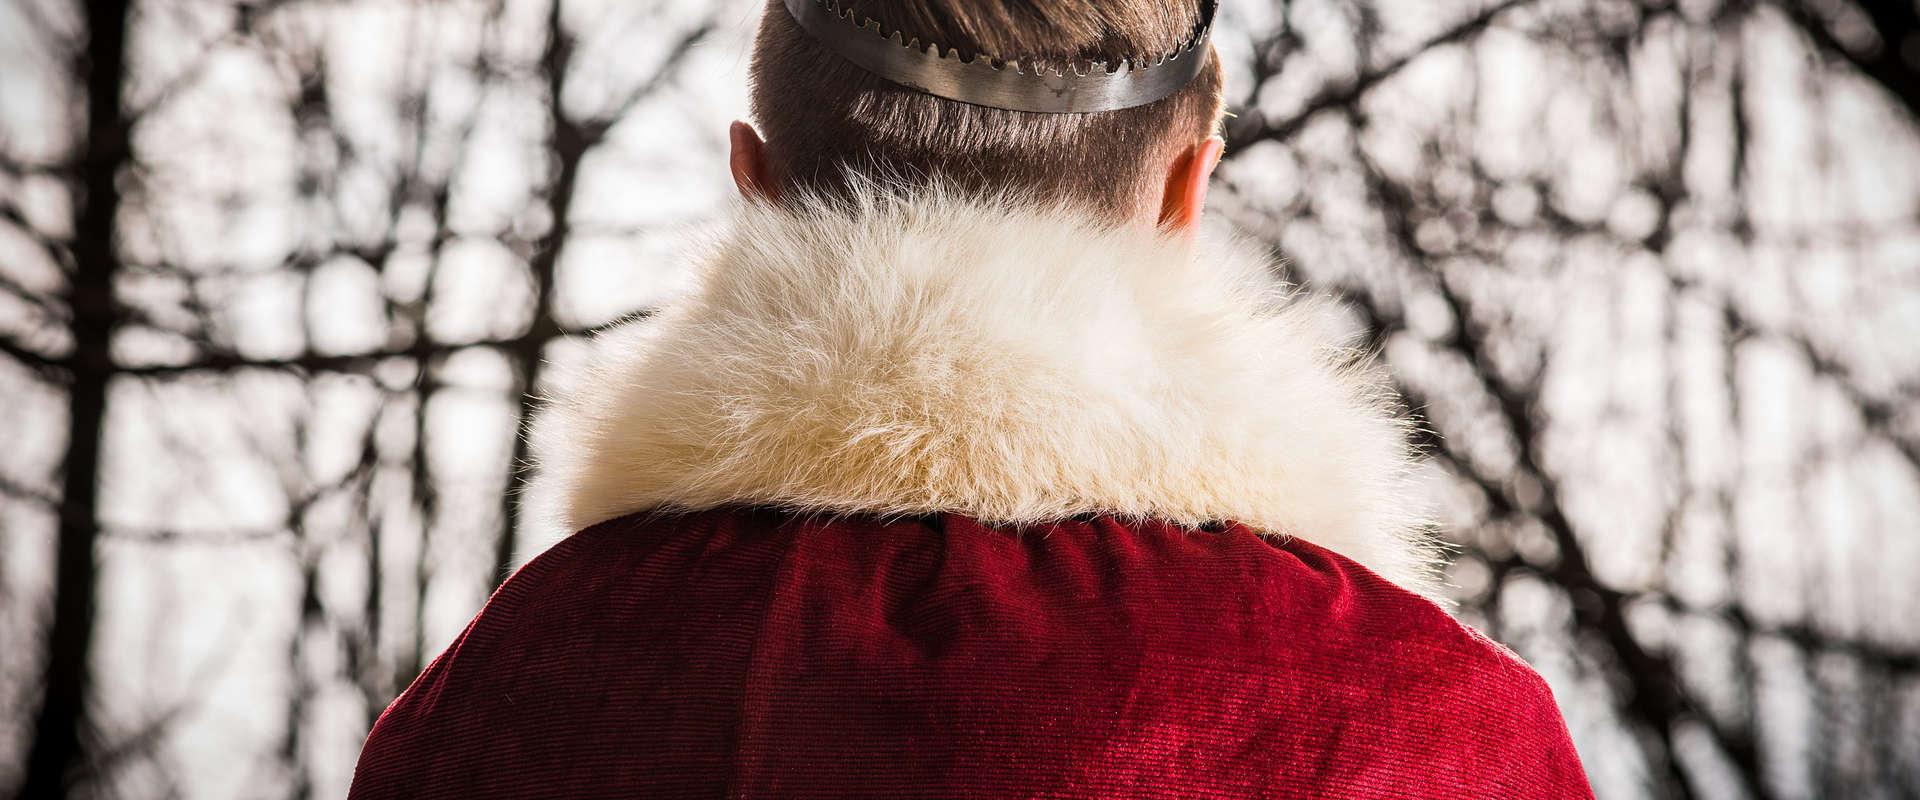 Manteaux, fourrure et accessoires